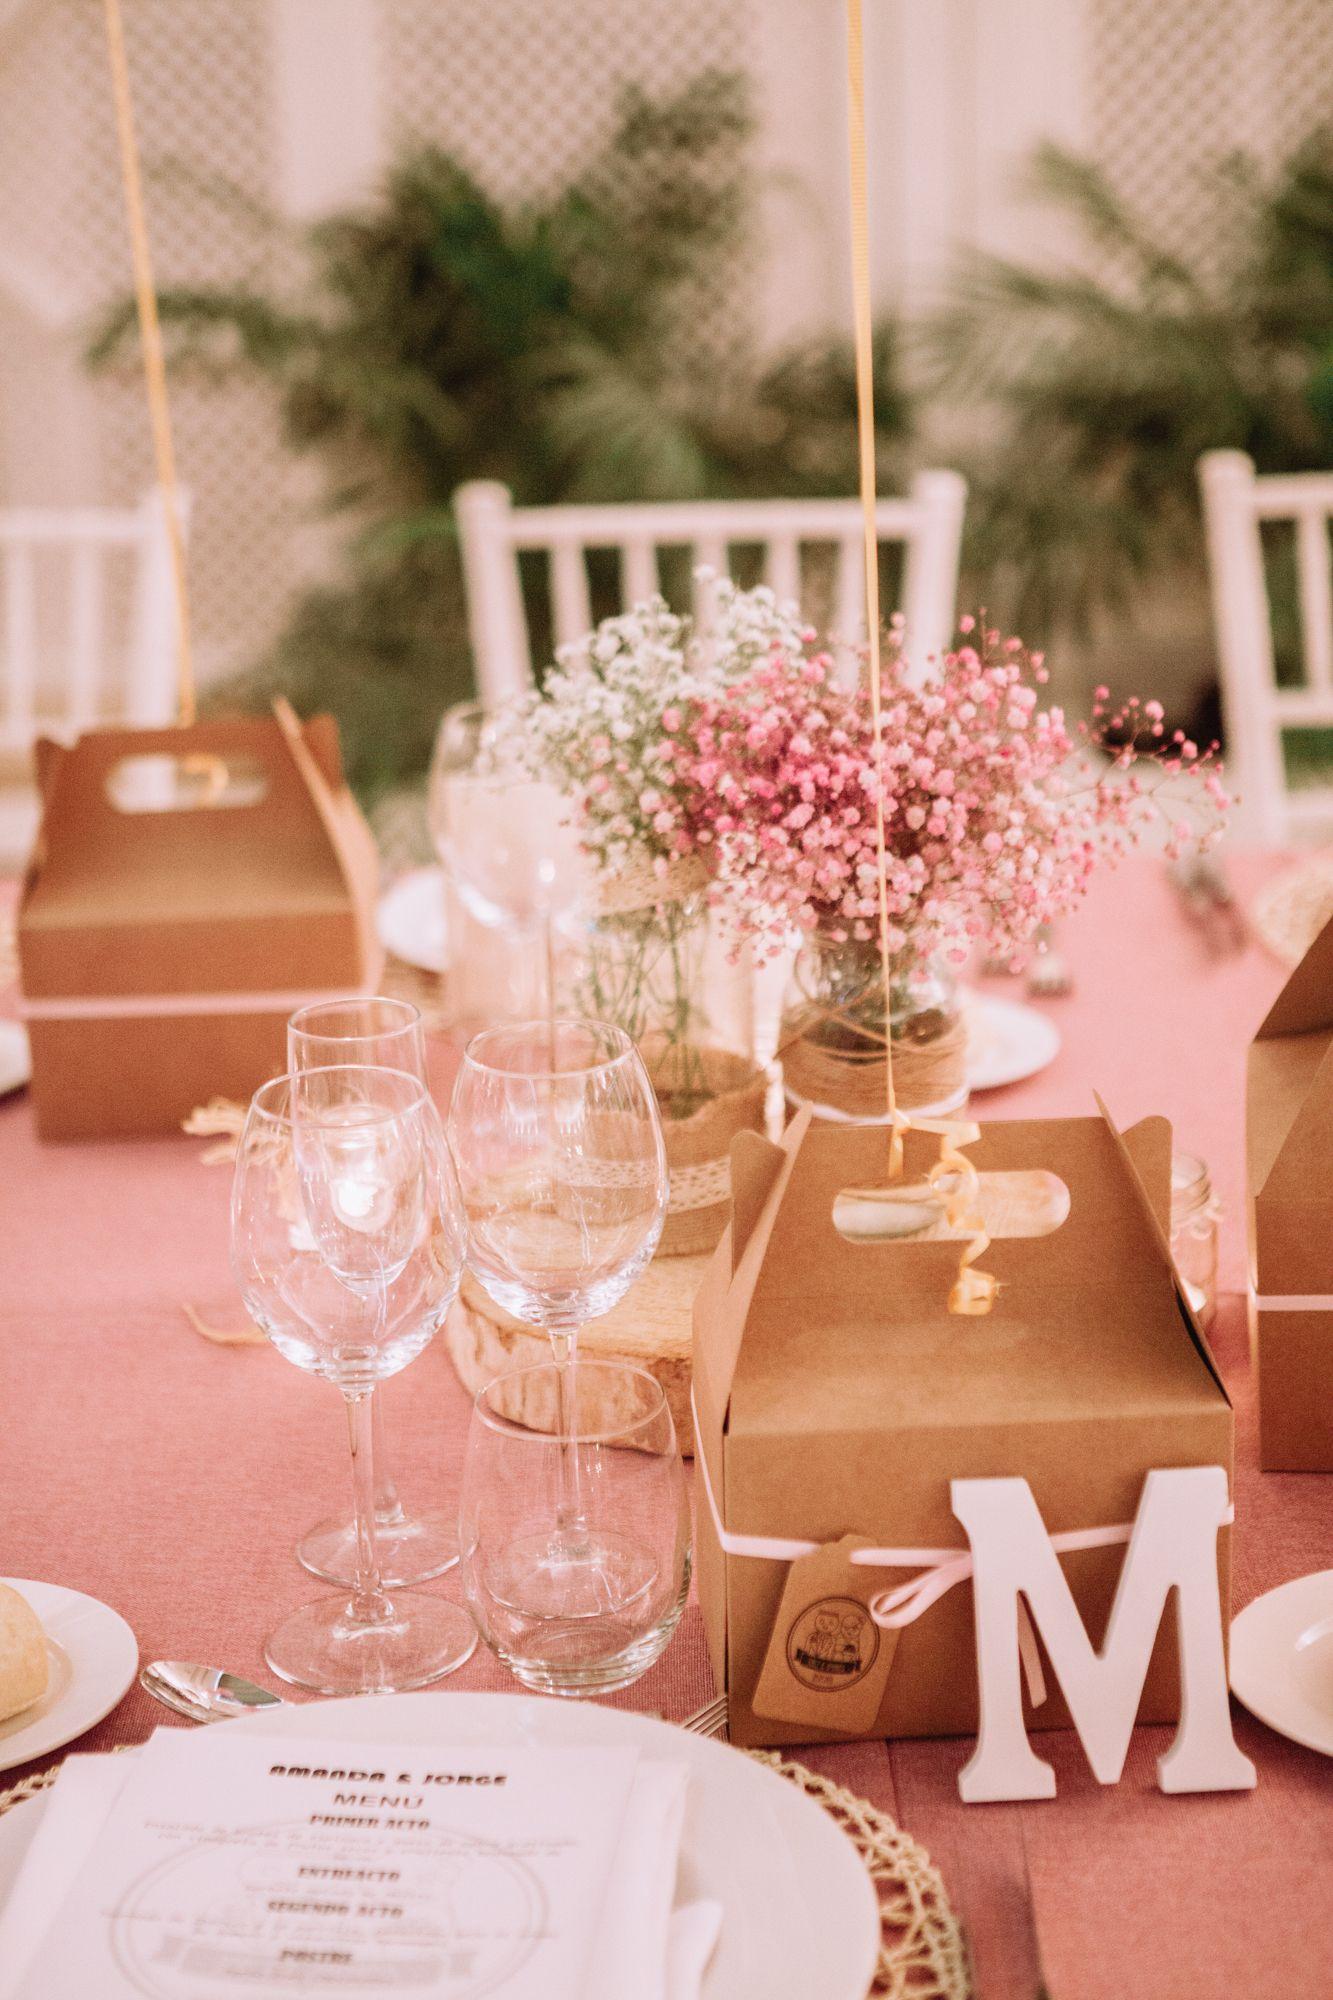 La boda de Amanda y Jorge en Villa Luisa 41